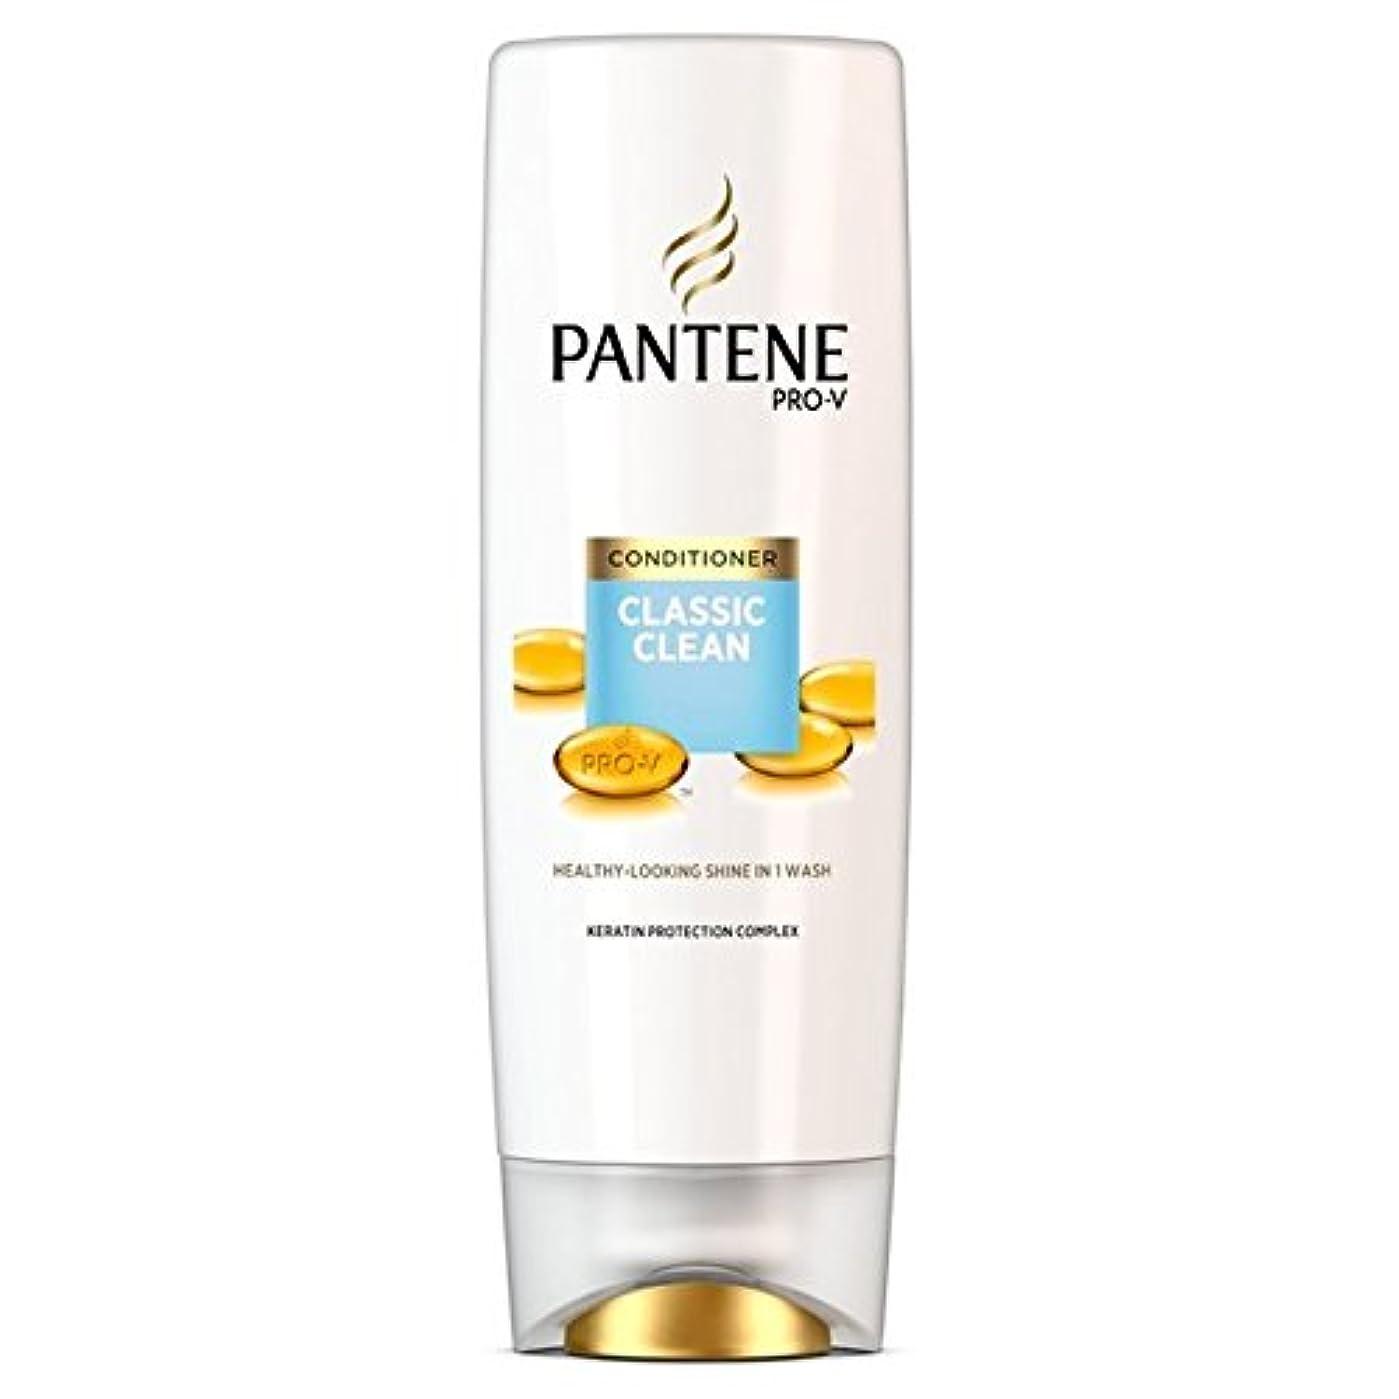 ブースト流行している宿泊Pantene Classic Clean Conditioner 360ml (Pack of 6) - パンテーン古典的なクリーンコンディショナー360ミリリットル x6 [並行輸入品]